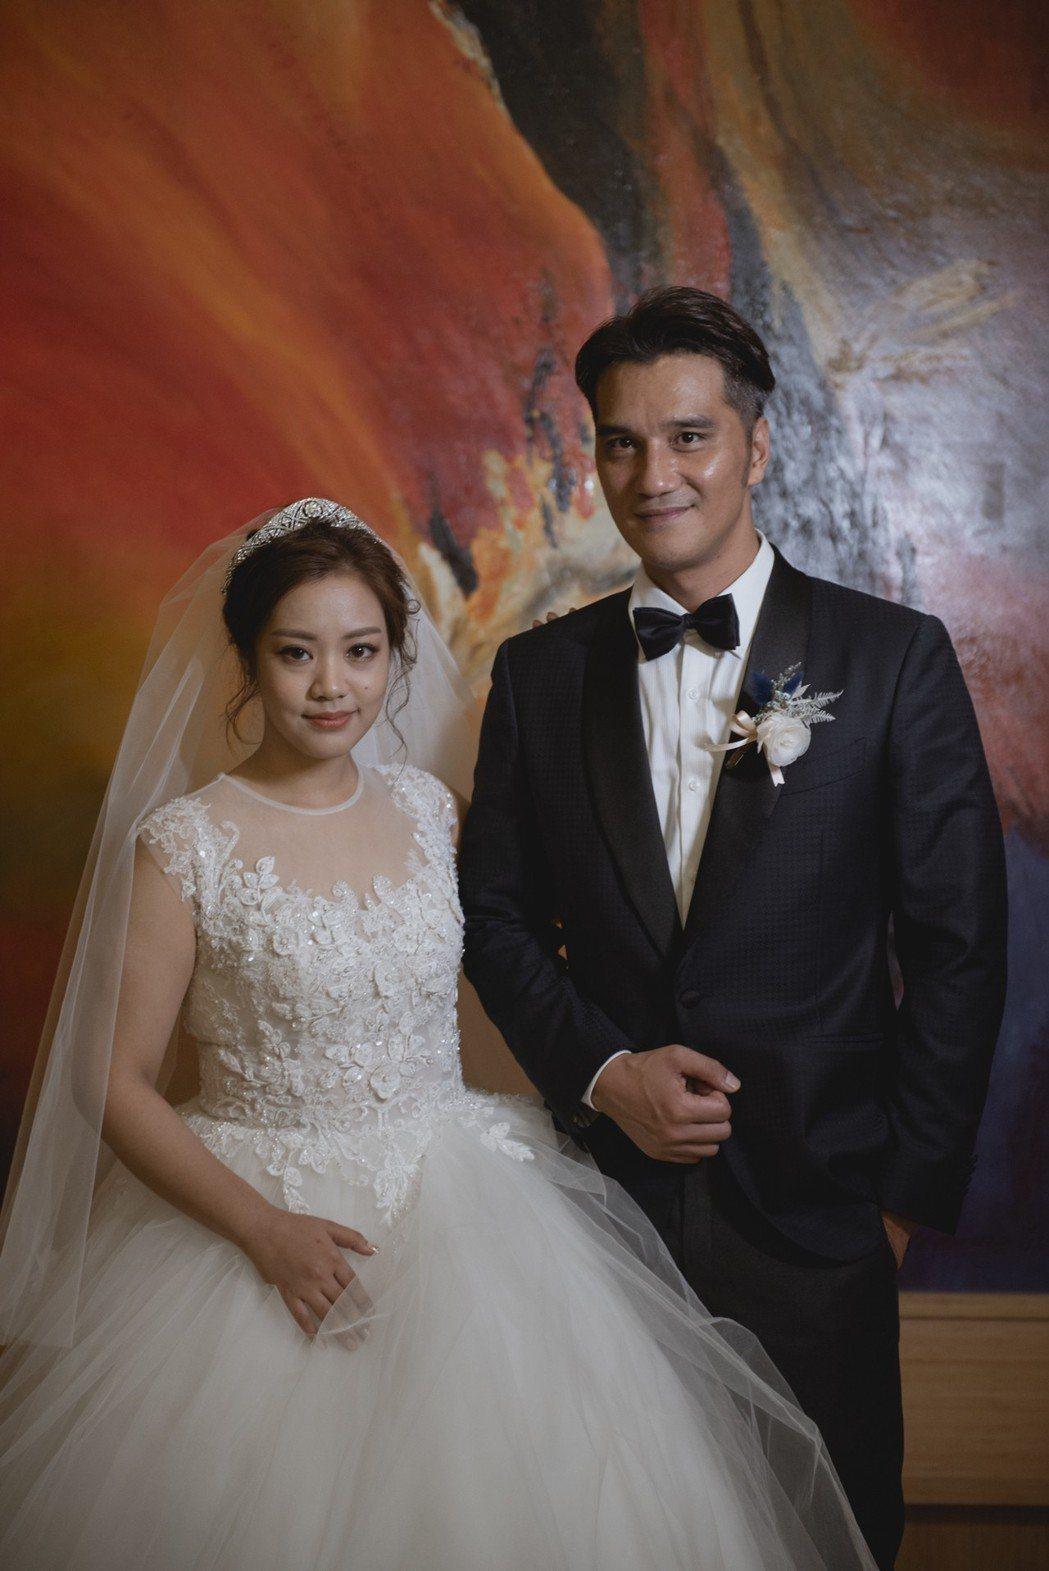 馬志翔和妻子盧悅婷結婚1年5個月就宣布當爸。圖/喜喜鵲影像工作室提供